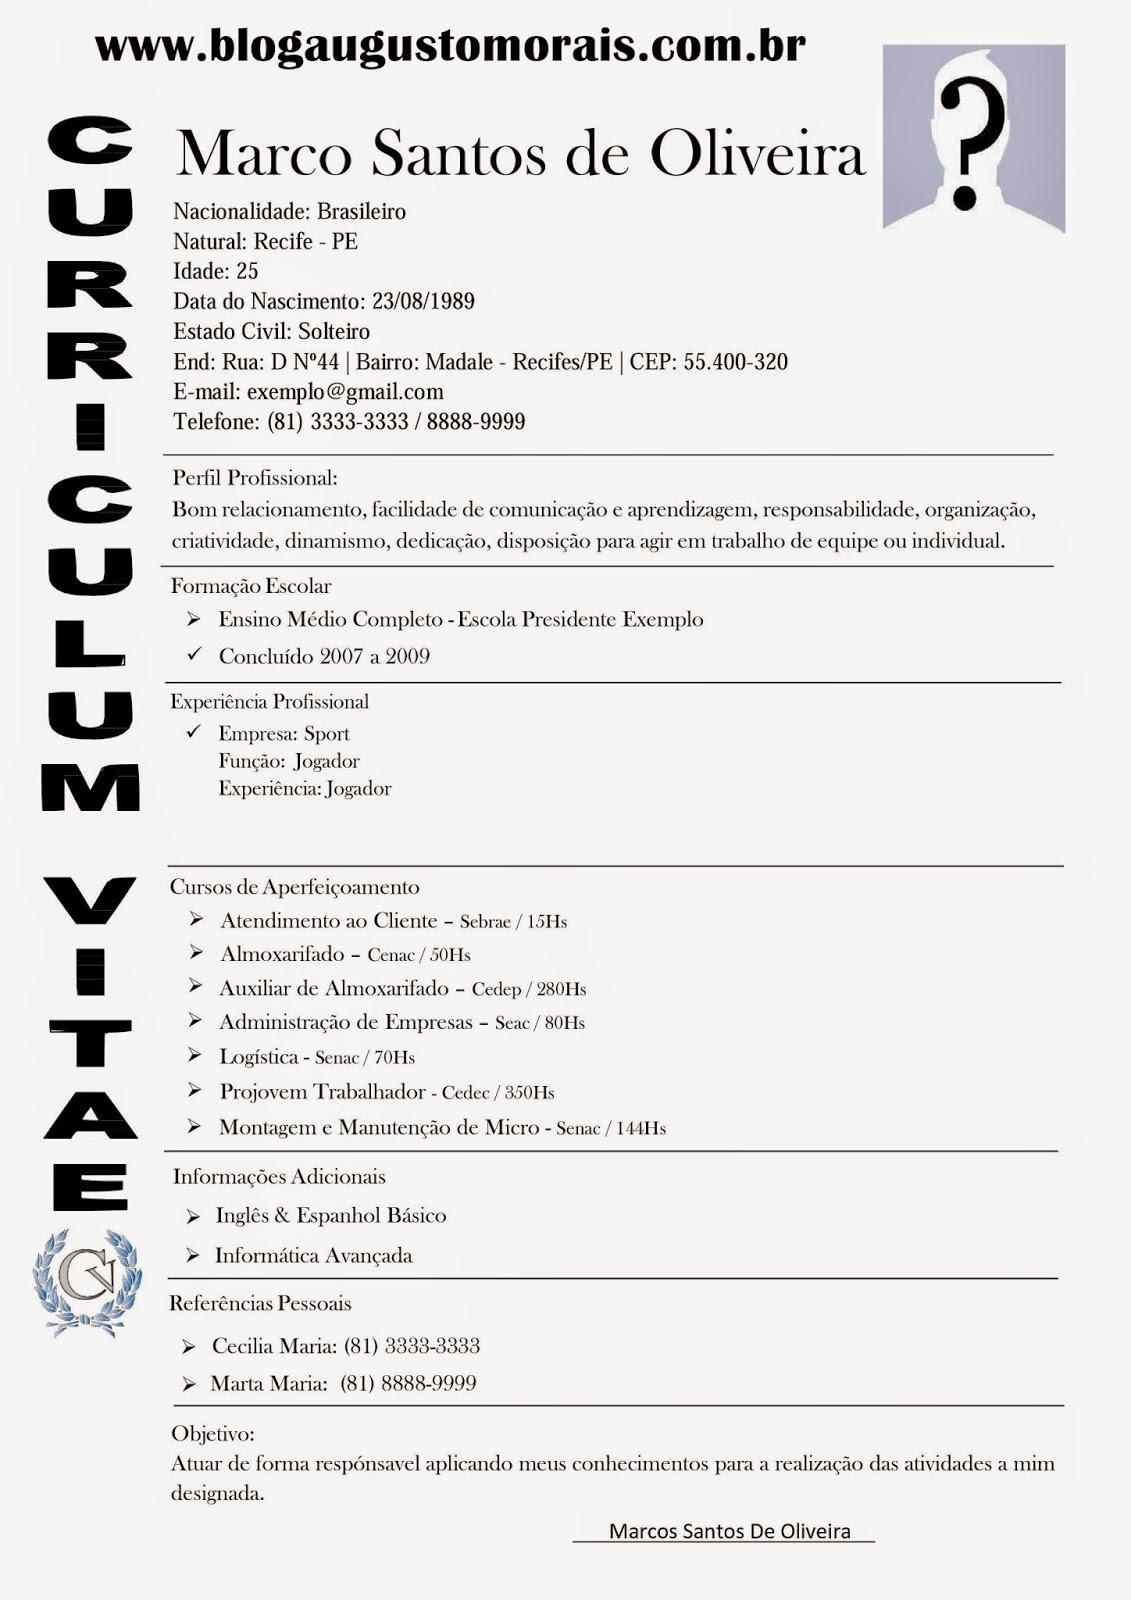 Modelos de Currículo Profissional Grátis | Blog Augusto Morais ...